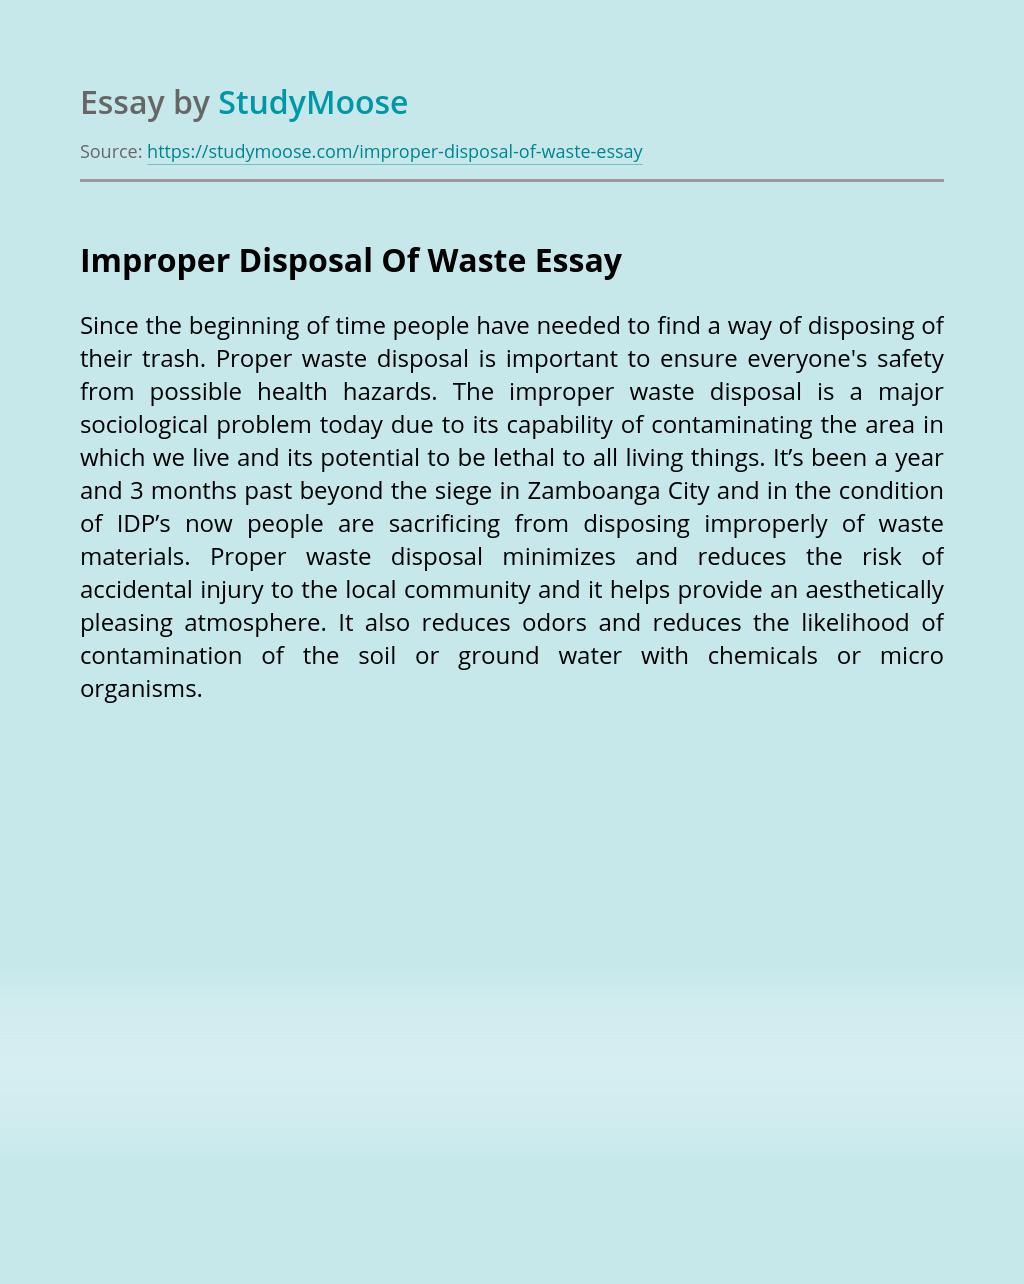 Improper Disposal Of Waste